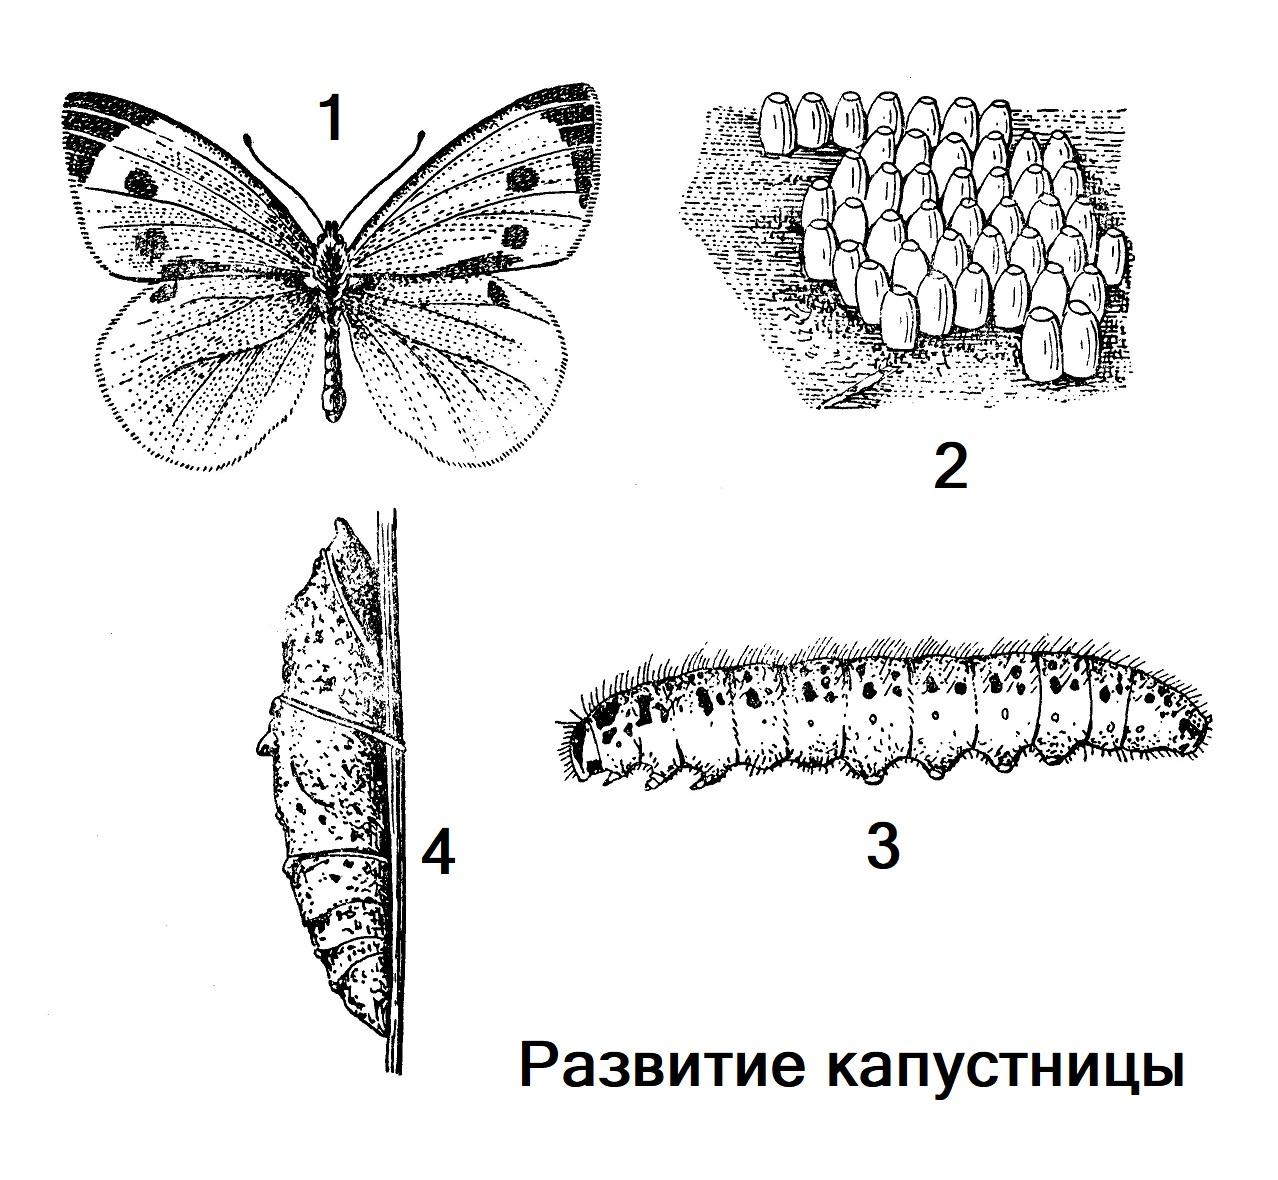 Развитие капустницы